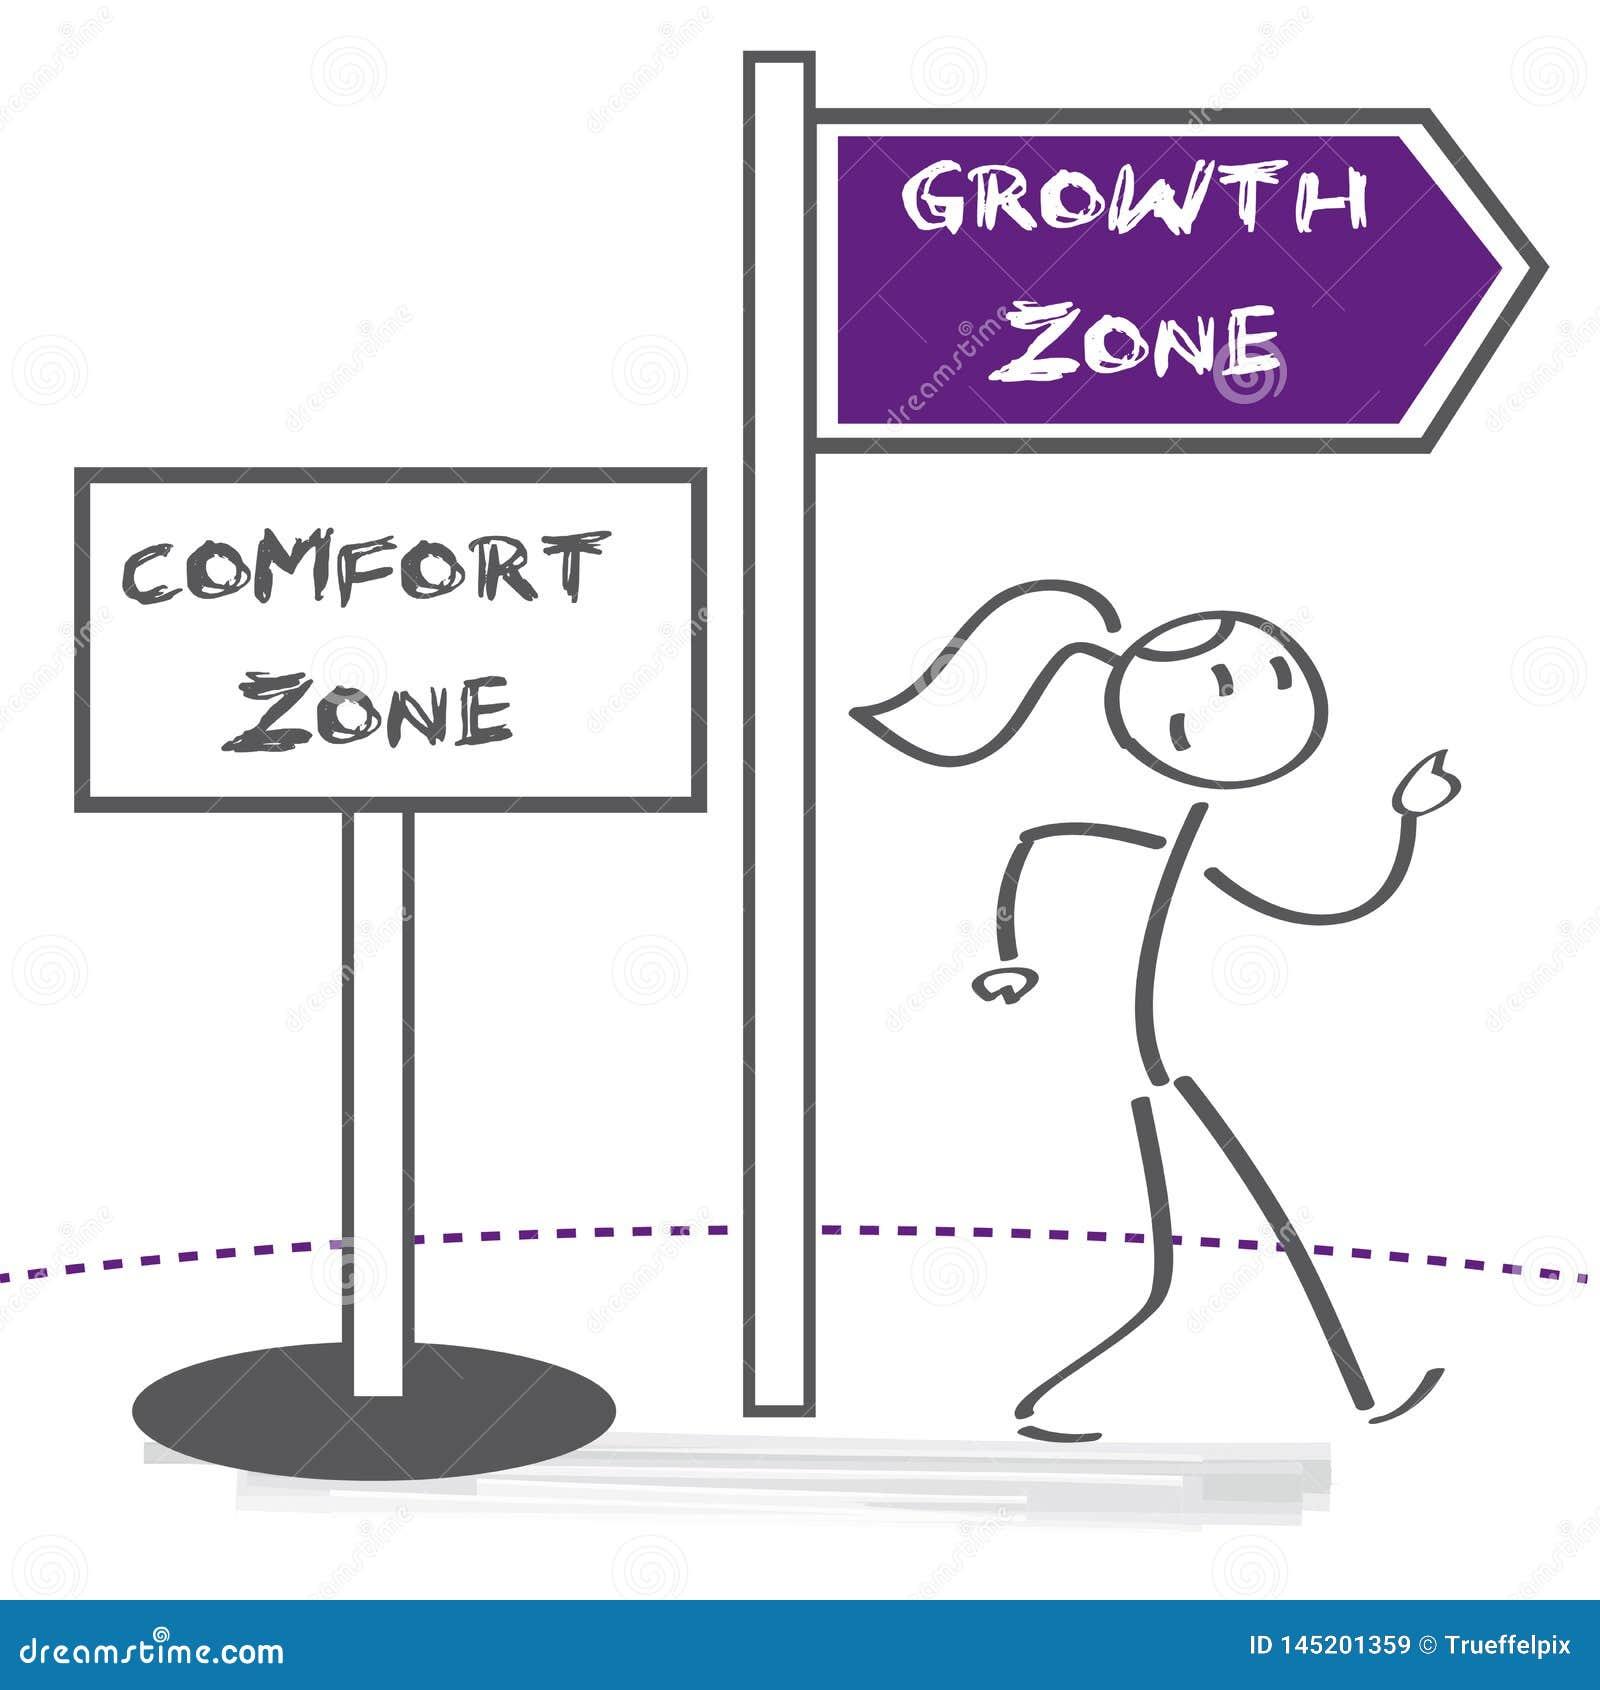 Zona de conforto contra a zona do crescimento